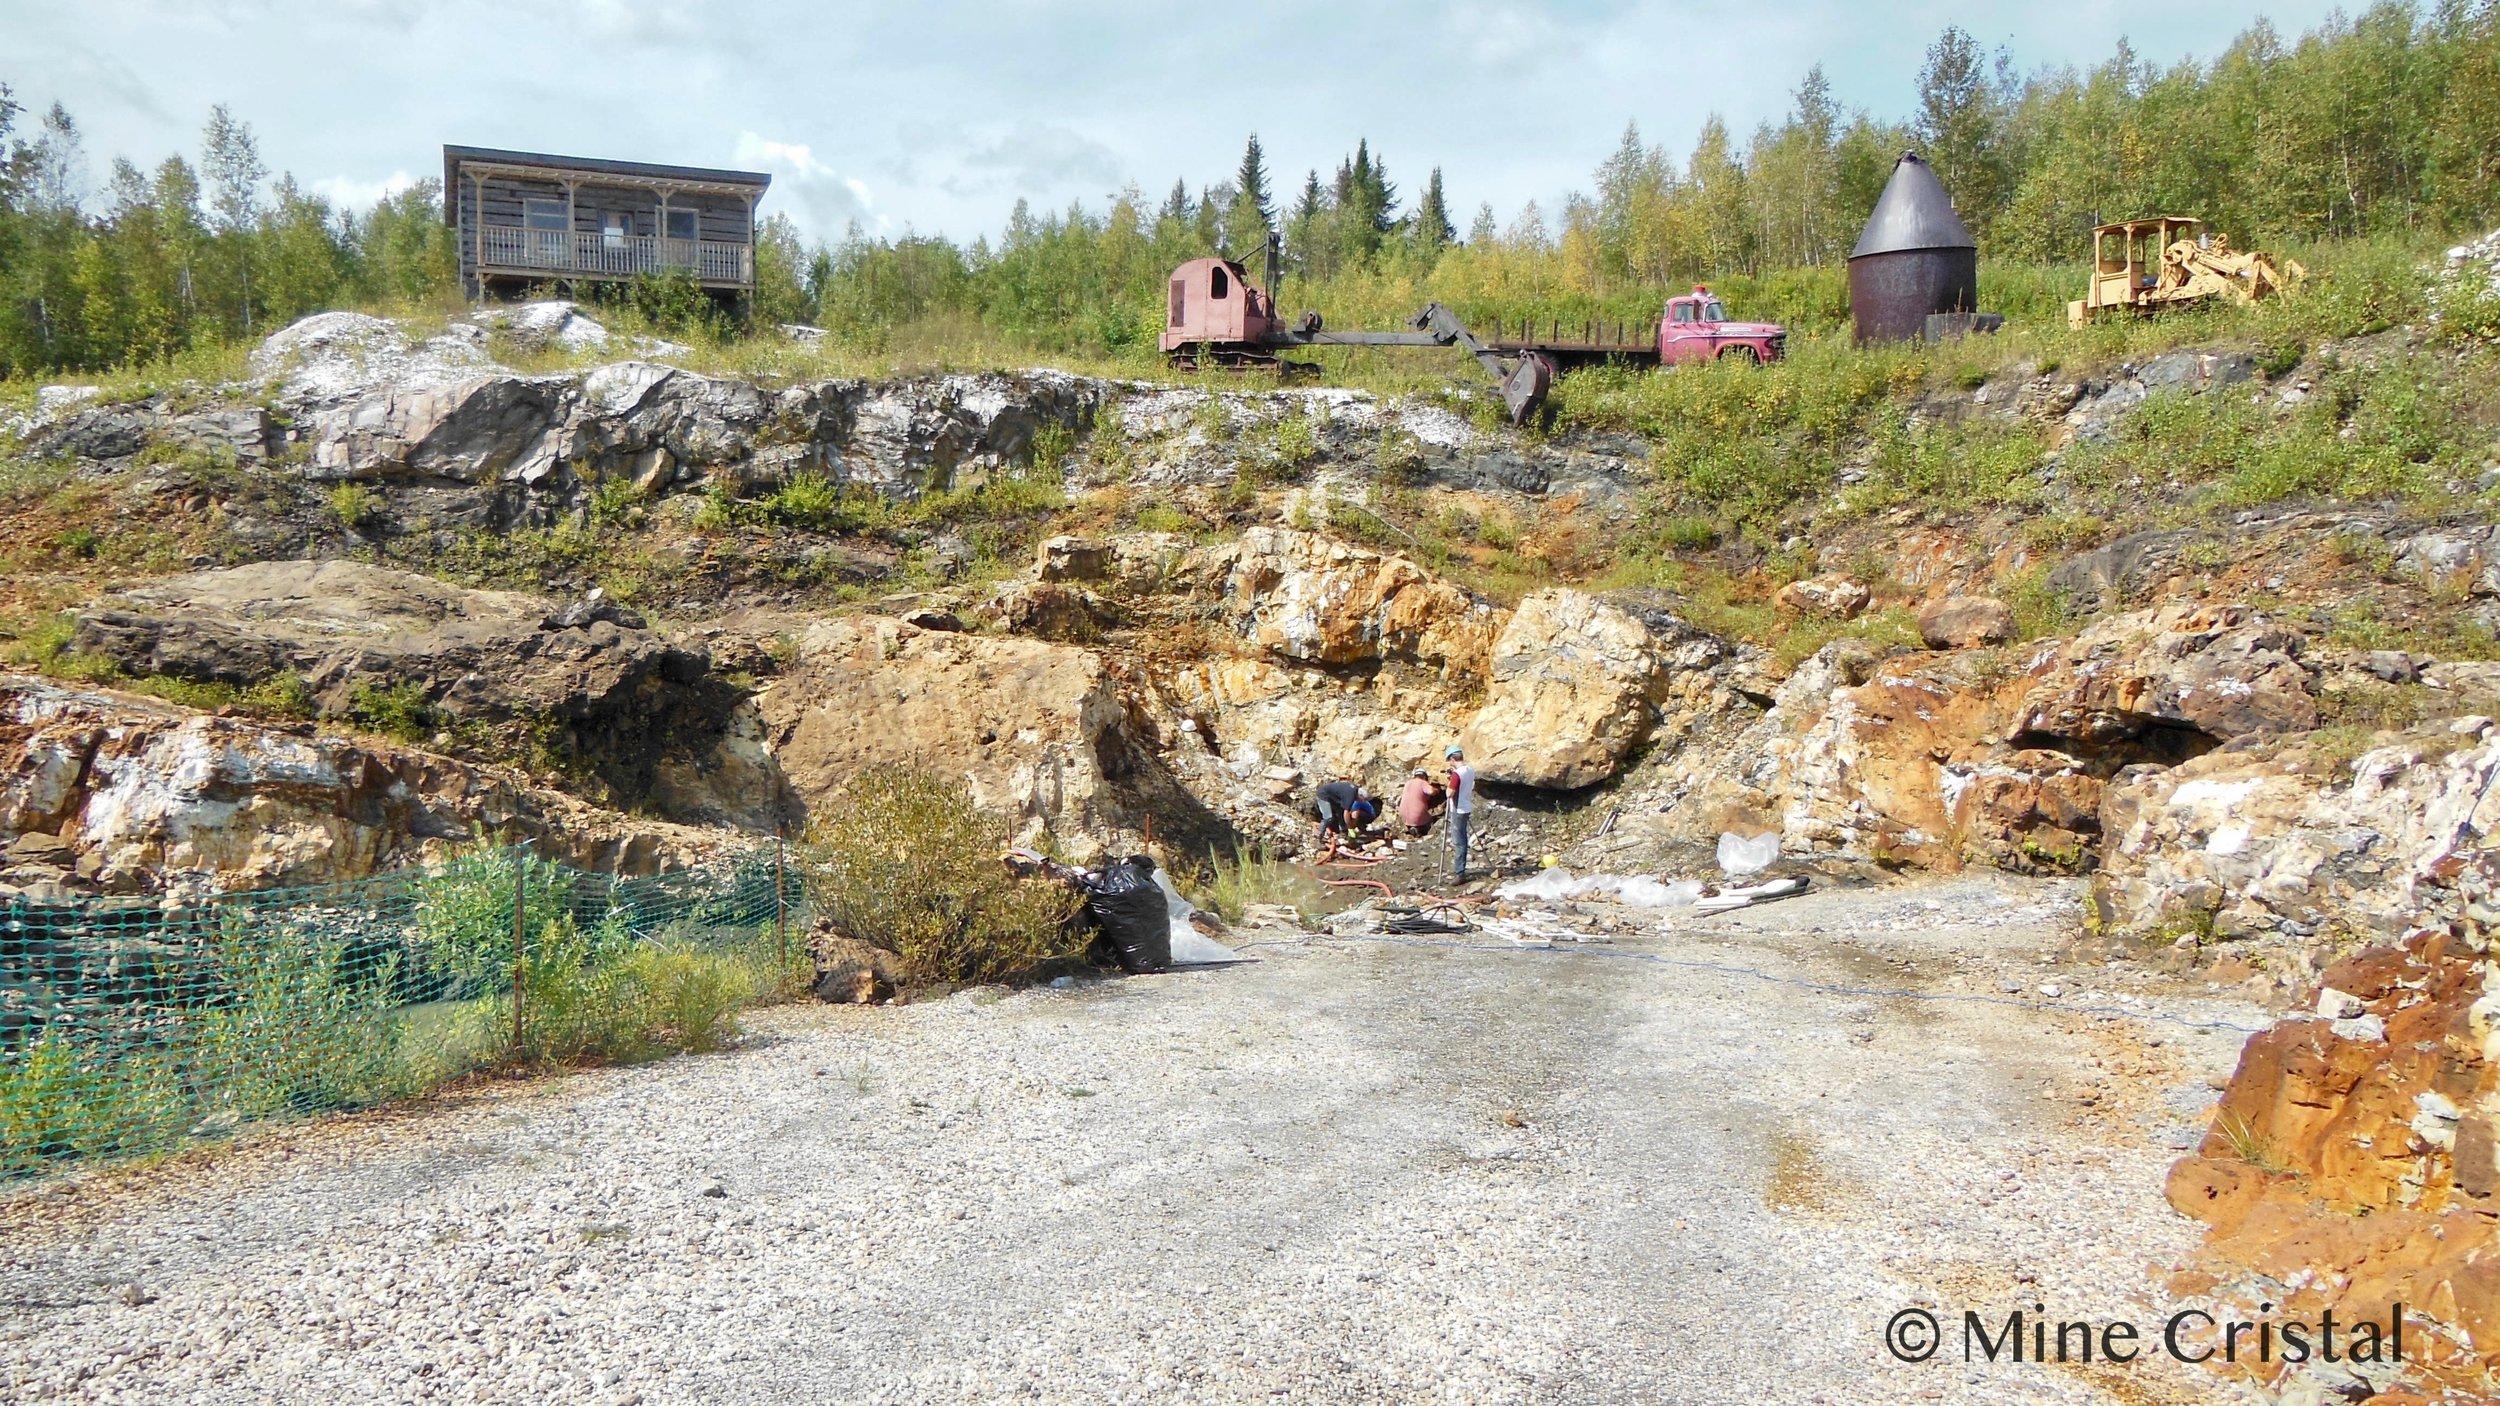 Nous voyons ici la mine de cristal, tel qu'il se présente aujourd'hui. Dans le passé (1959 - 1963), une entreprise fondée par M. Joseph-Armand Bombardier avait envisagé la possibilité d'exploiter,, à des fins industrielles de la roche de quartz à cet endroit. Au cours de notre première année (1989), nous avons défini plusieurs objectifs : récolter des cristaux à petite échelle dans le respect des préoccupations environnementales ; créer un centre d'interprétation qui présenterait la mine aux visiteurs ; offrir des cours sur des sujets liés aux cristaux de quartz. En 1994, nous avons commencé à donner des concerts Sonomeditation™ avec présentation d'instruments de musique faits de cristal. Entre 1989 et 2018, plus de 350 000 visiteurs ont participé à nos différentes activités. En 2019, le volet touristique a été supprimé et le site minier n'est plus accessible au public.